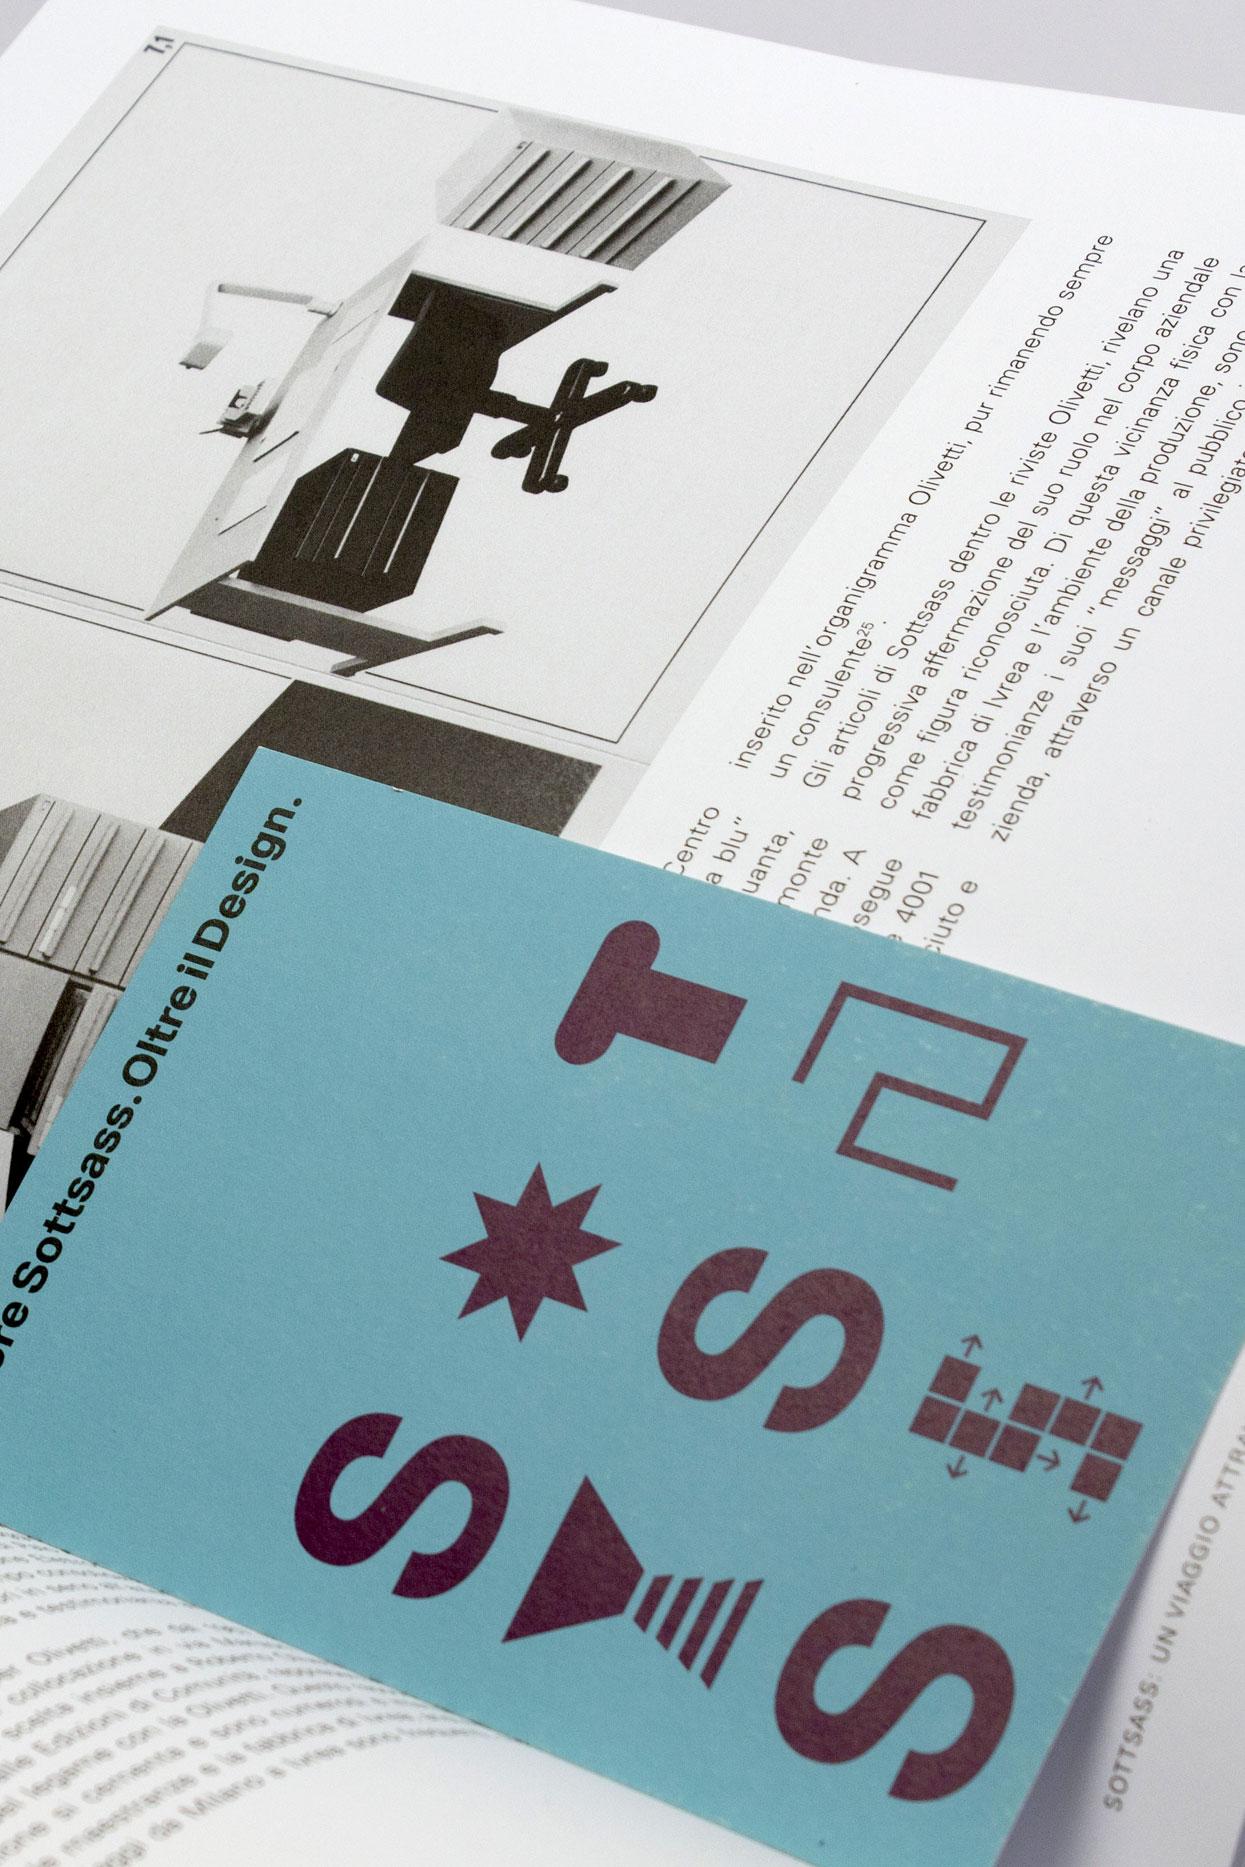 sottsass-oltre-il-design-comunicazione_02